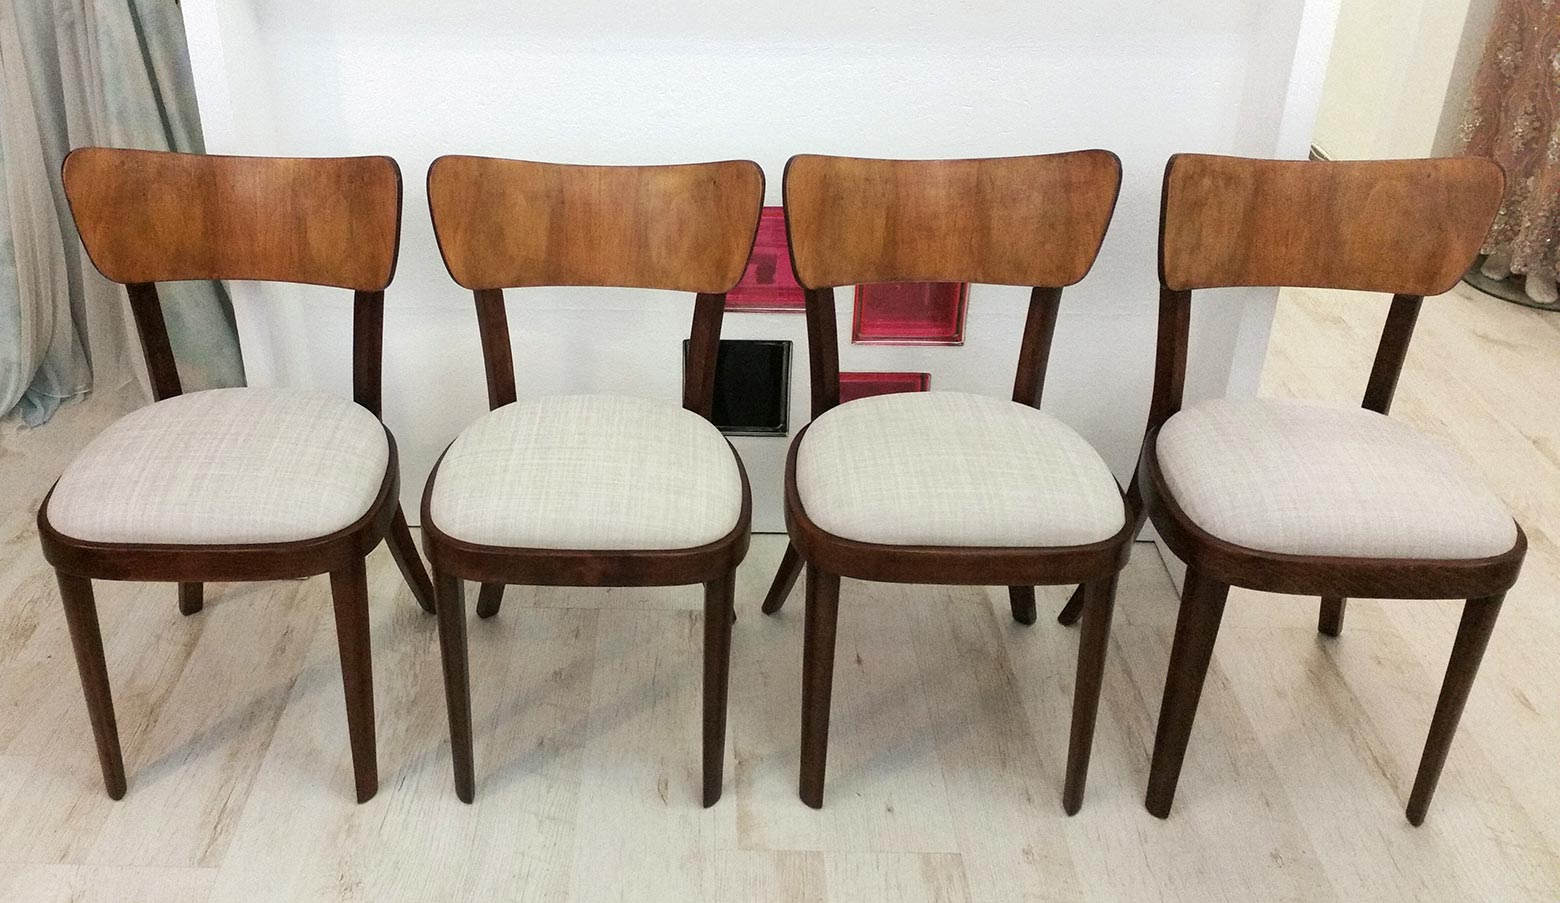 Židle Thonet - kompletní renovace, broušení, lakování, čalounění.<br>Látka ROMO - kolekce DUNE